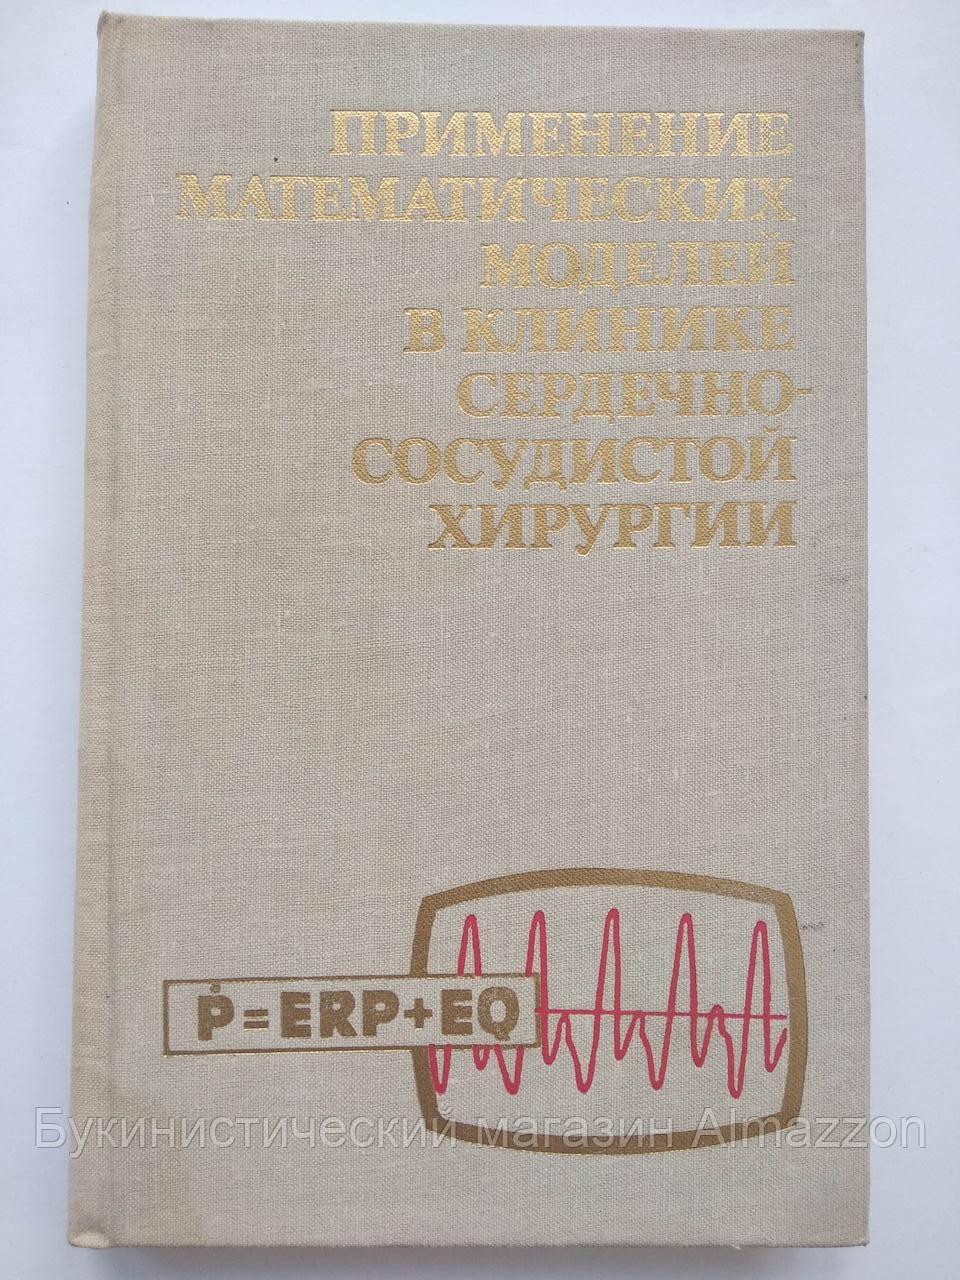 Применение математических моделей в клинике сердечно-сосудистой хирургии Сборник научных работ